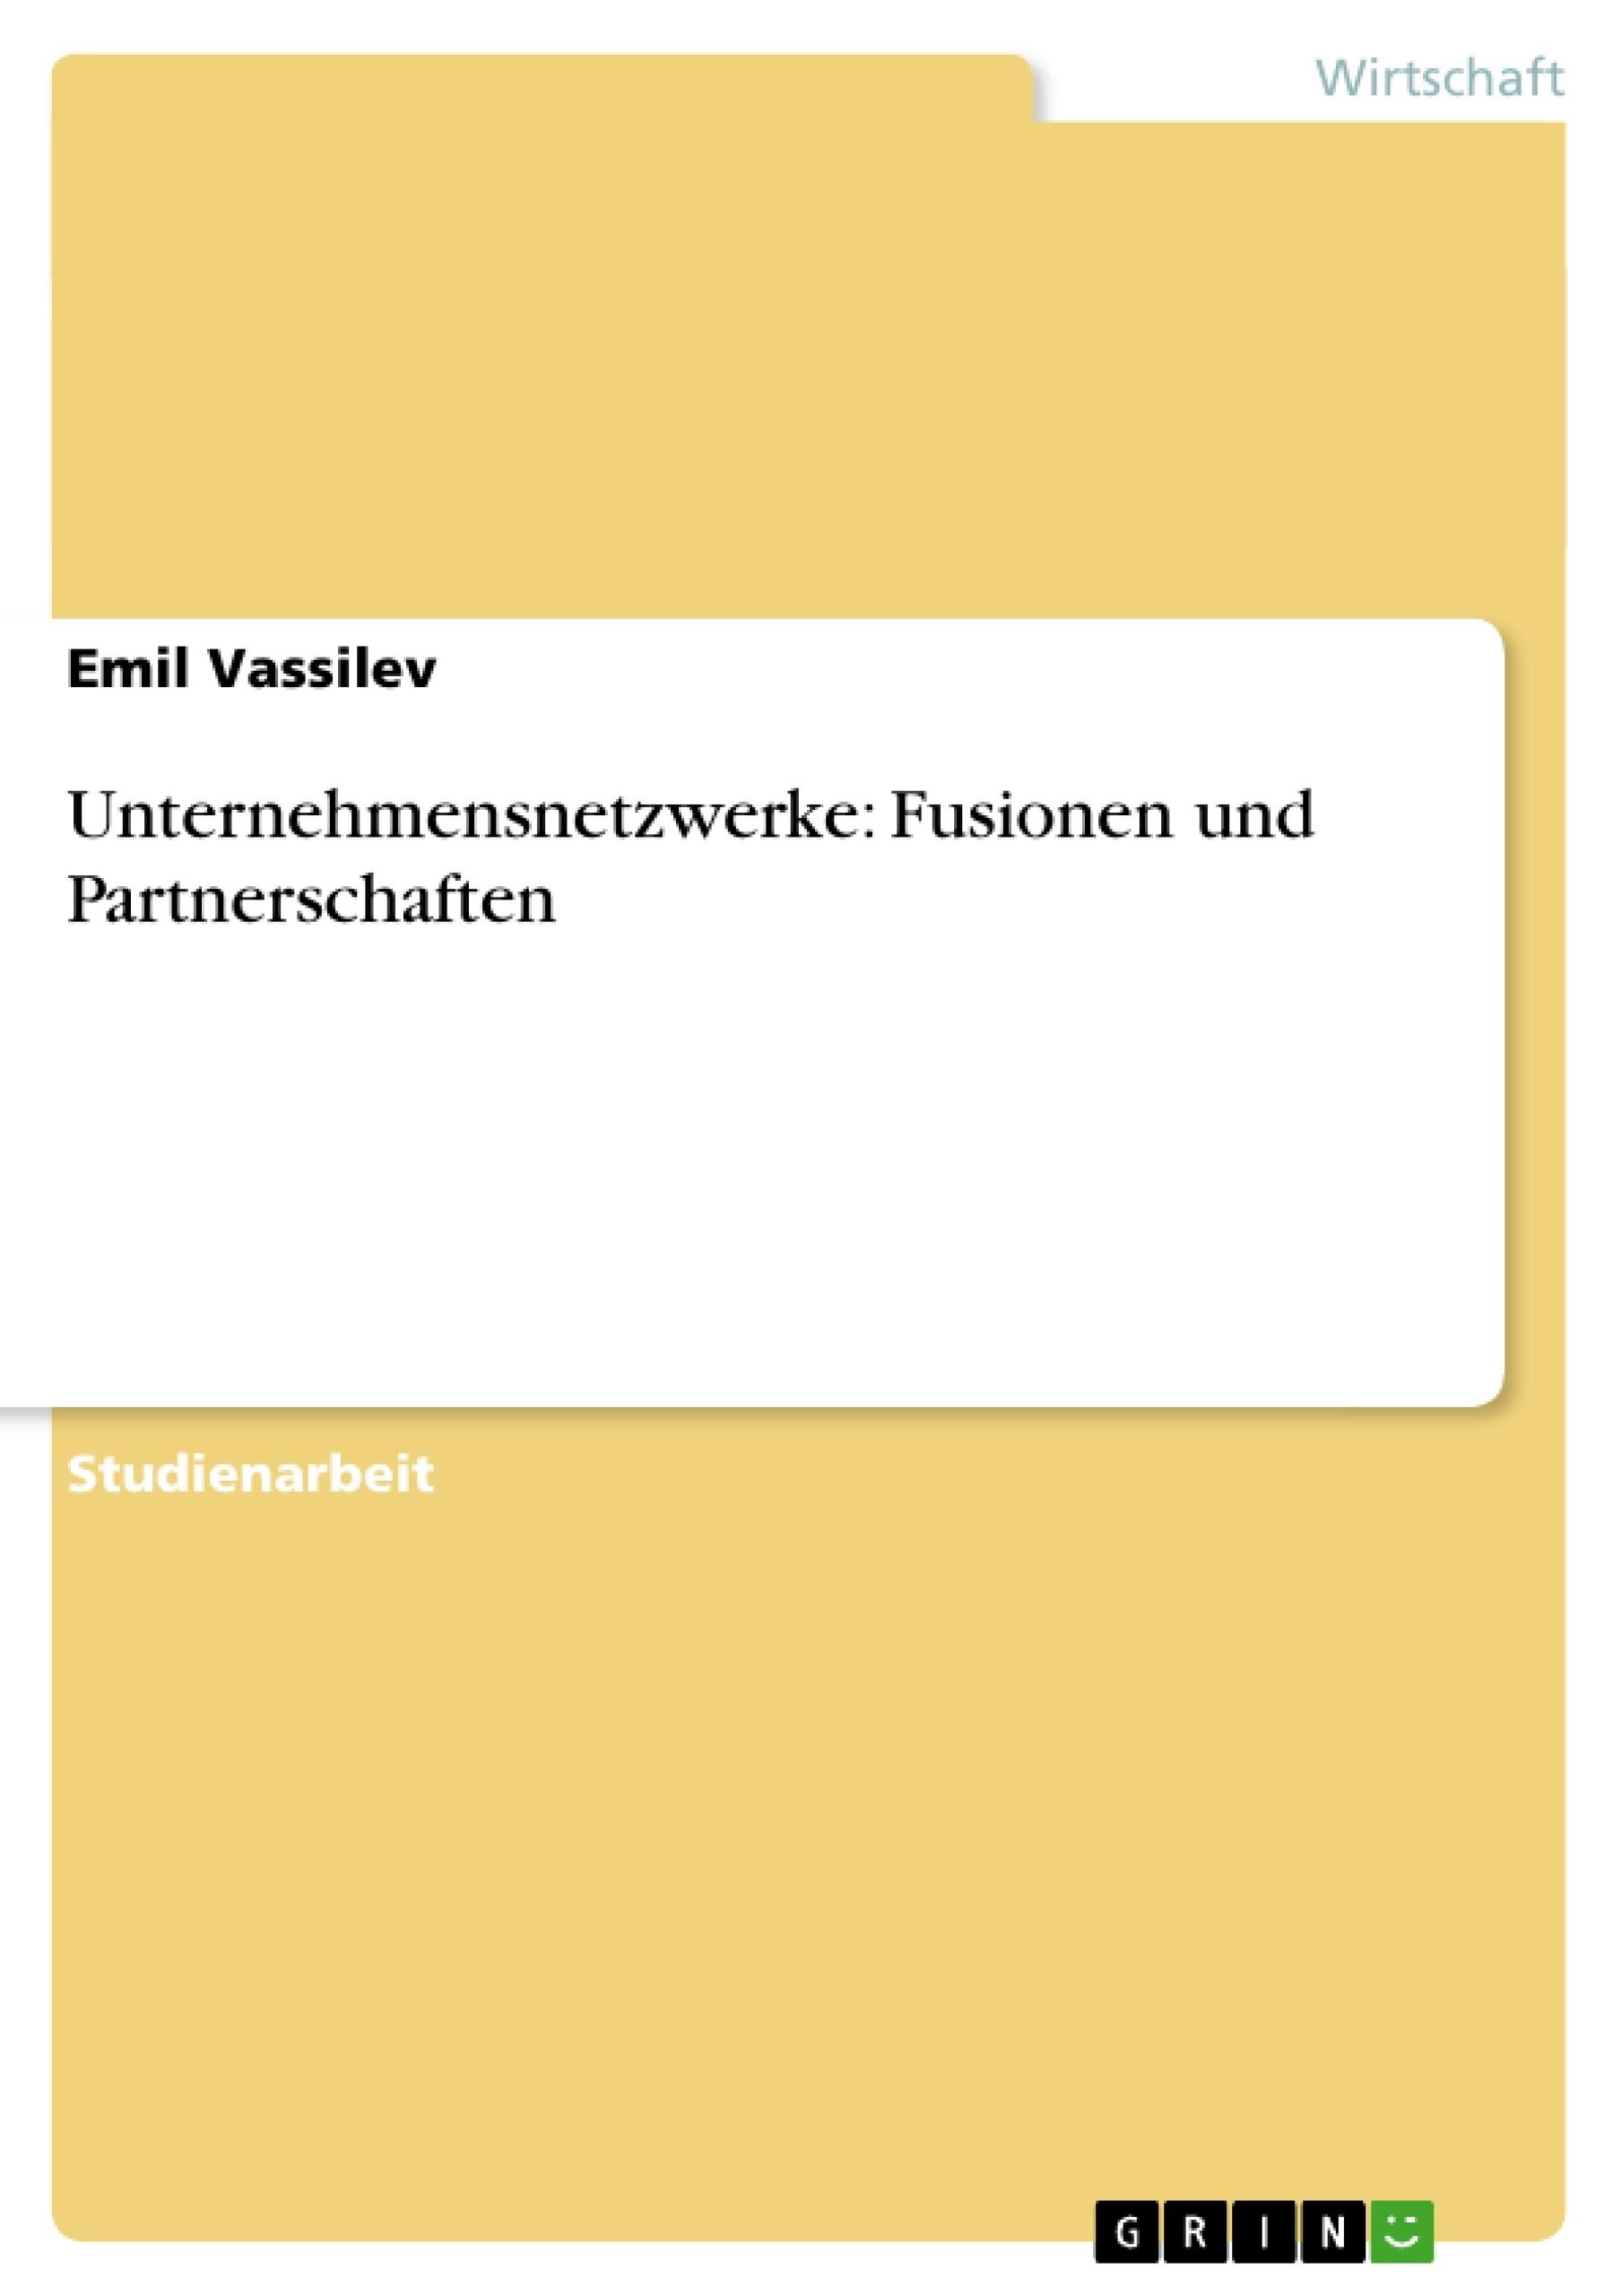 Titel: Unternehmensnetzwerke: Fusionen und Partnerschaften